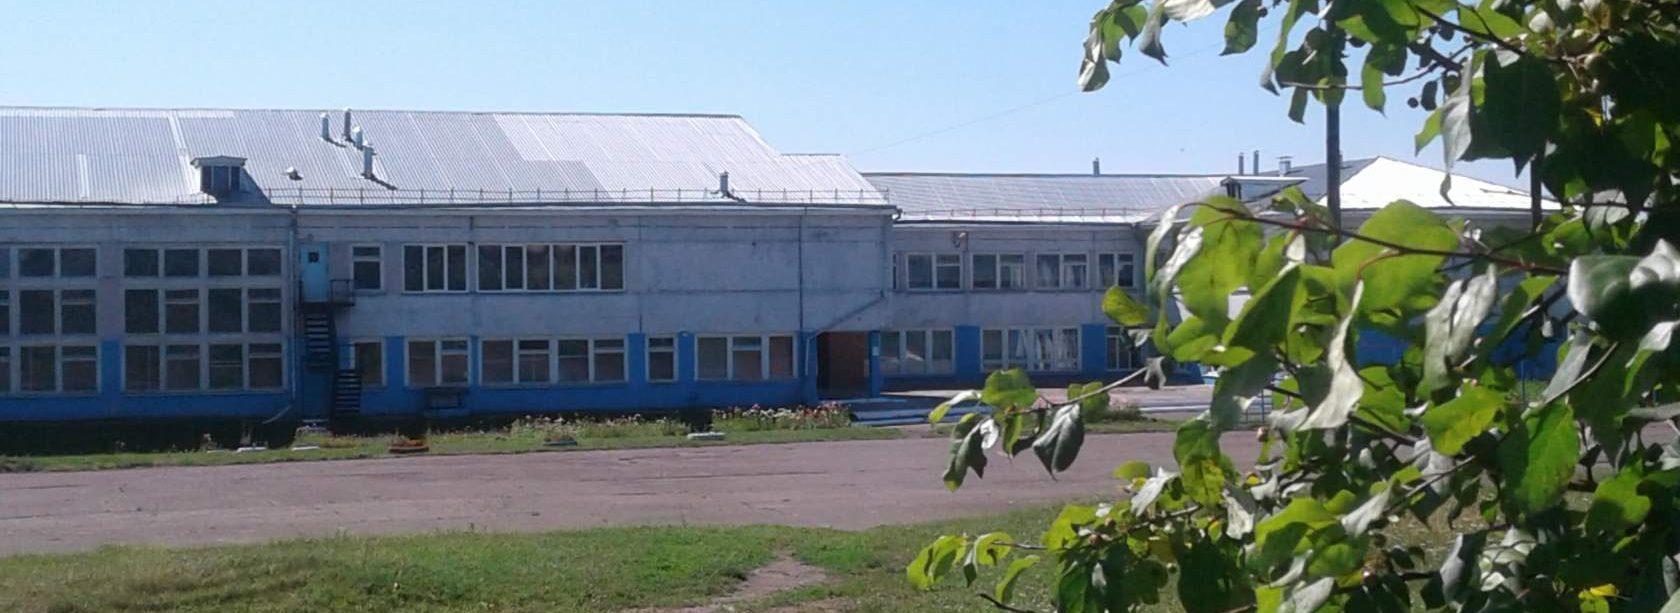 Муниципальное бюджетное общеобразовательное учреждение «Уярская средняя общеобразовательная школа № 4»